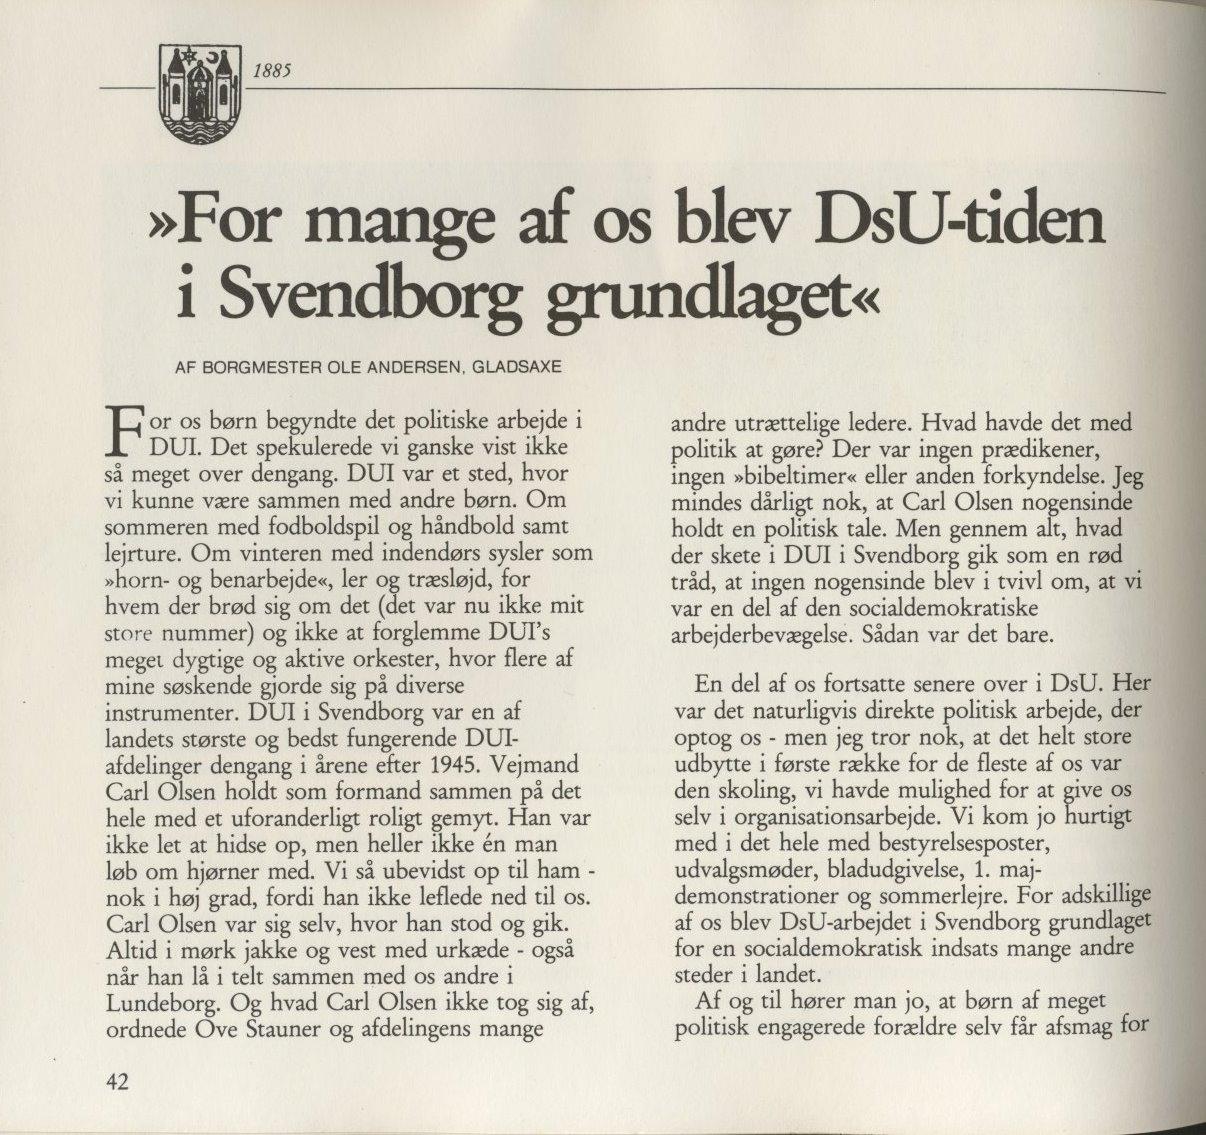 DsU-tiden i Svendborg